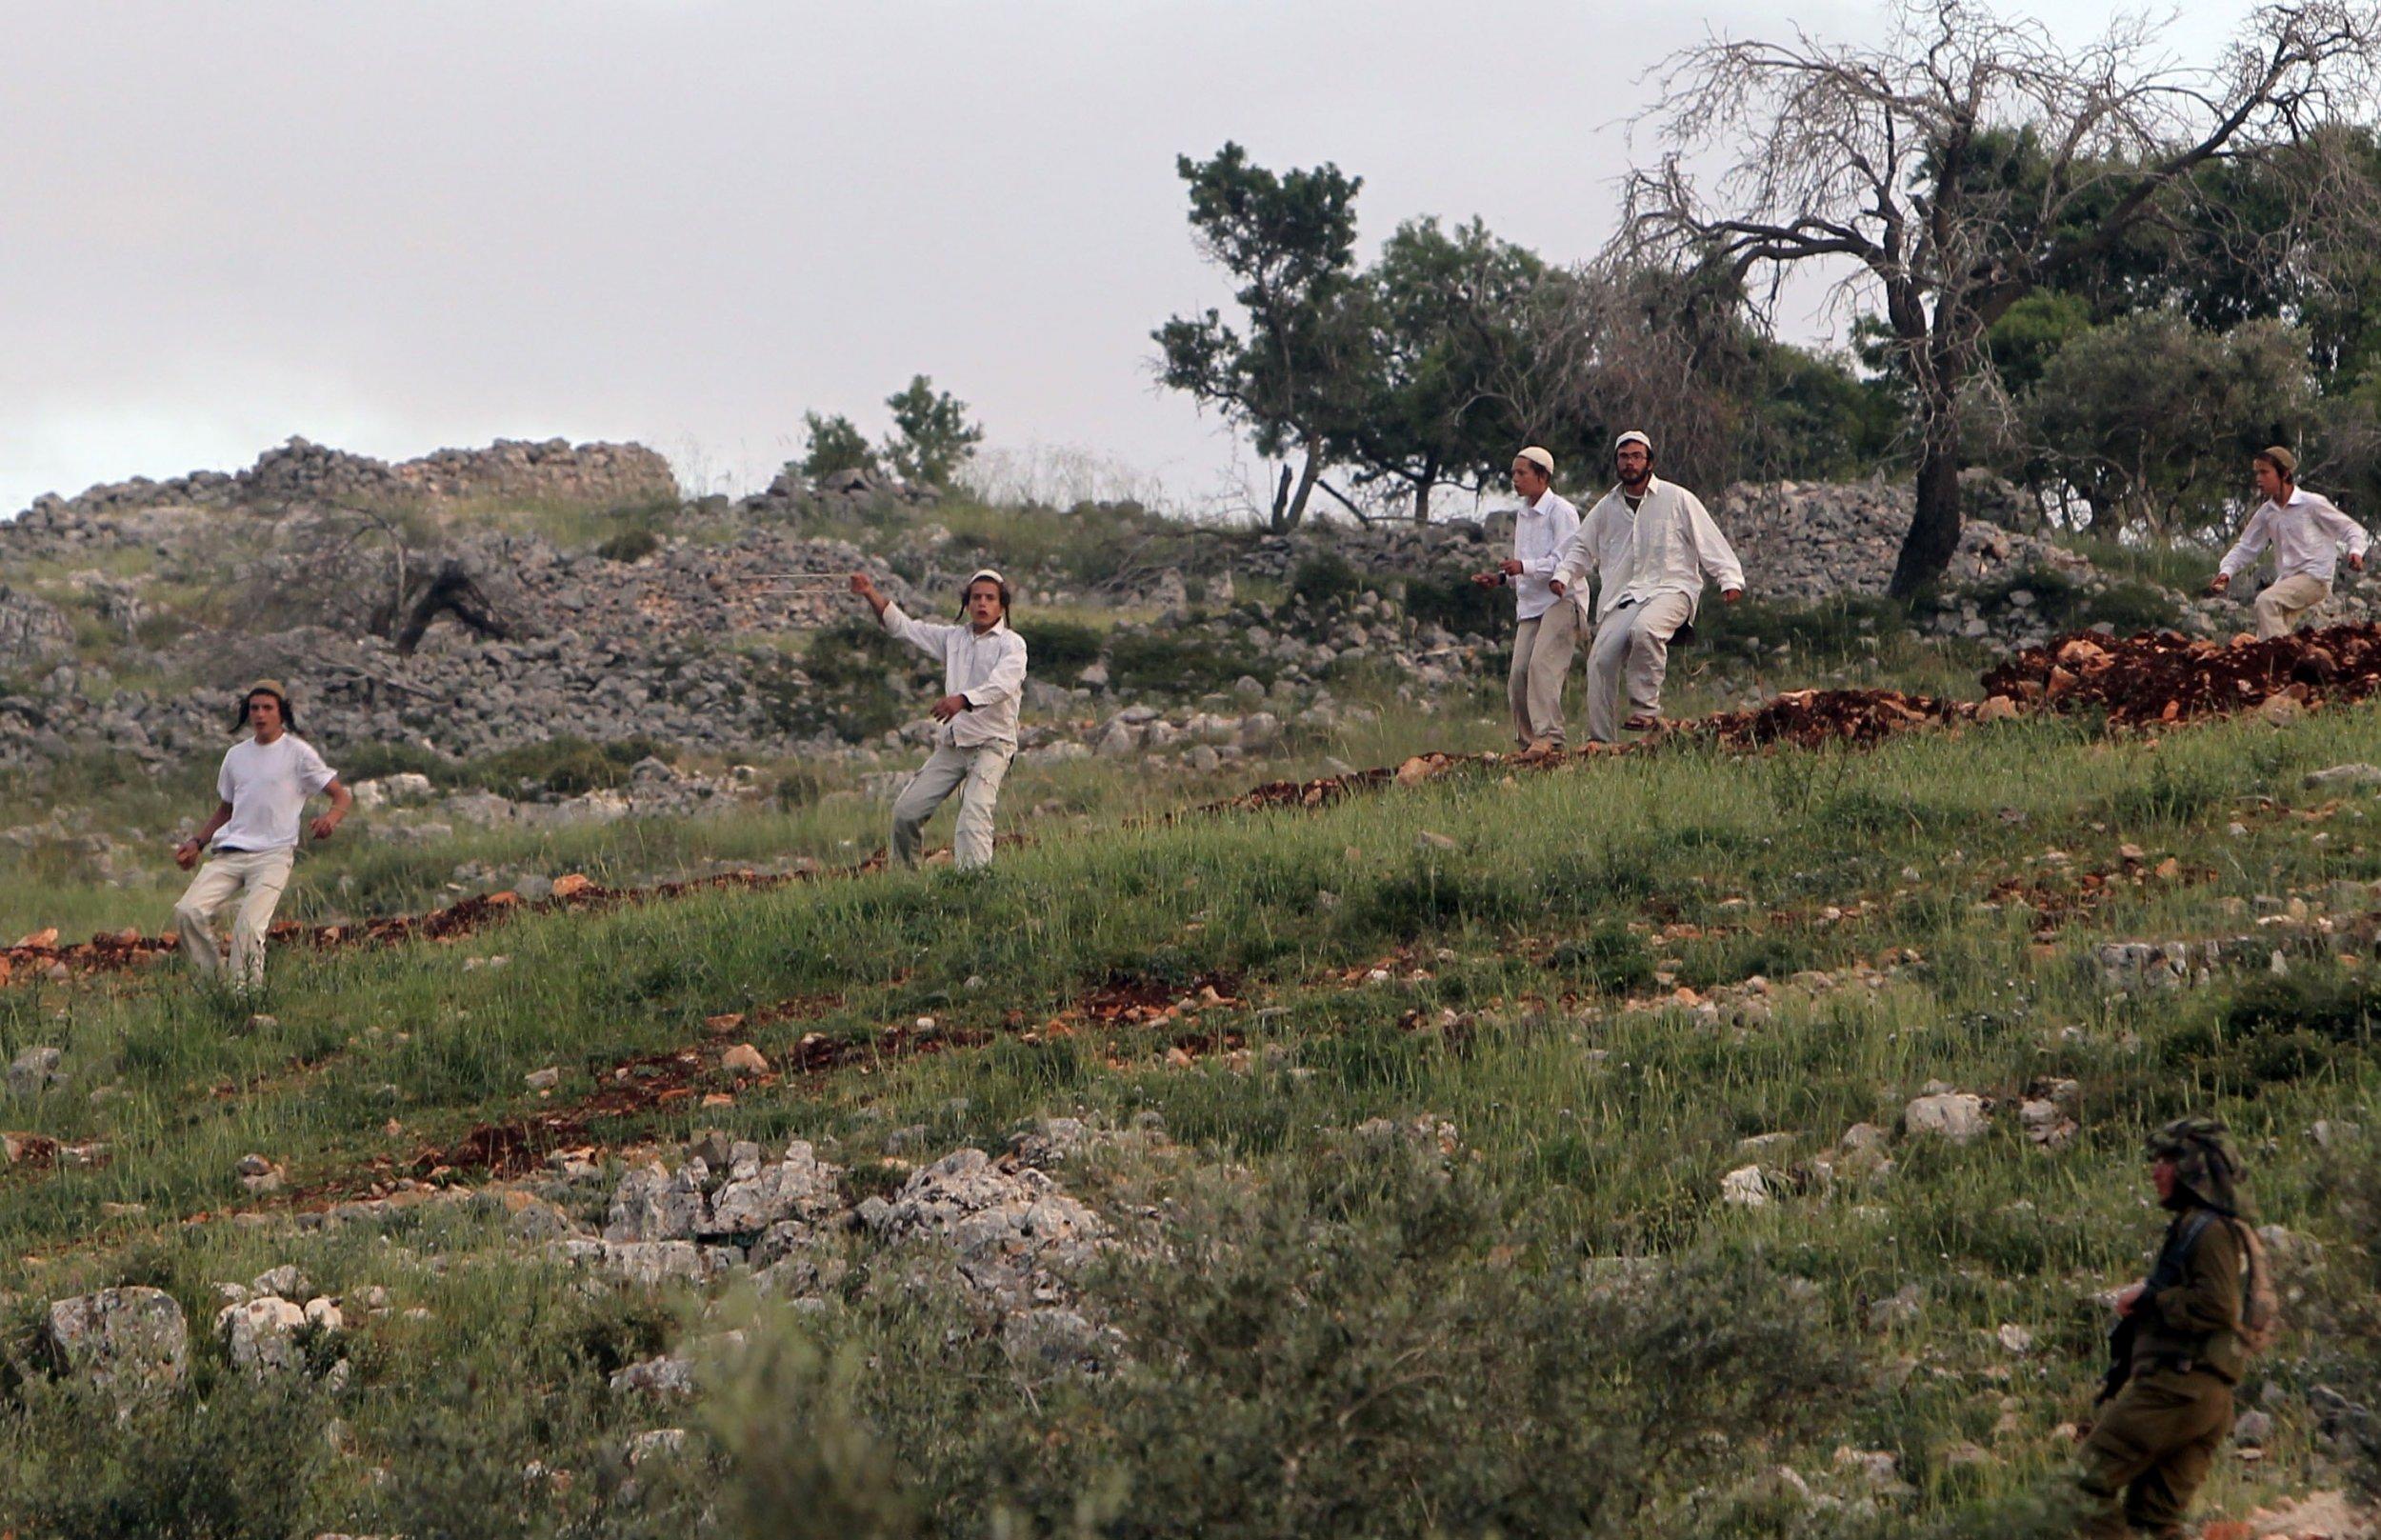 Israeli settlers